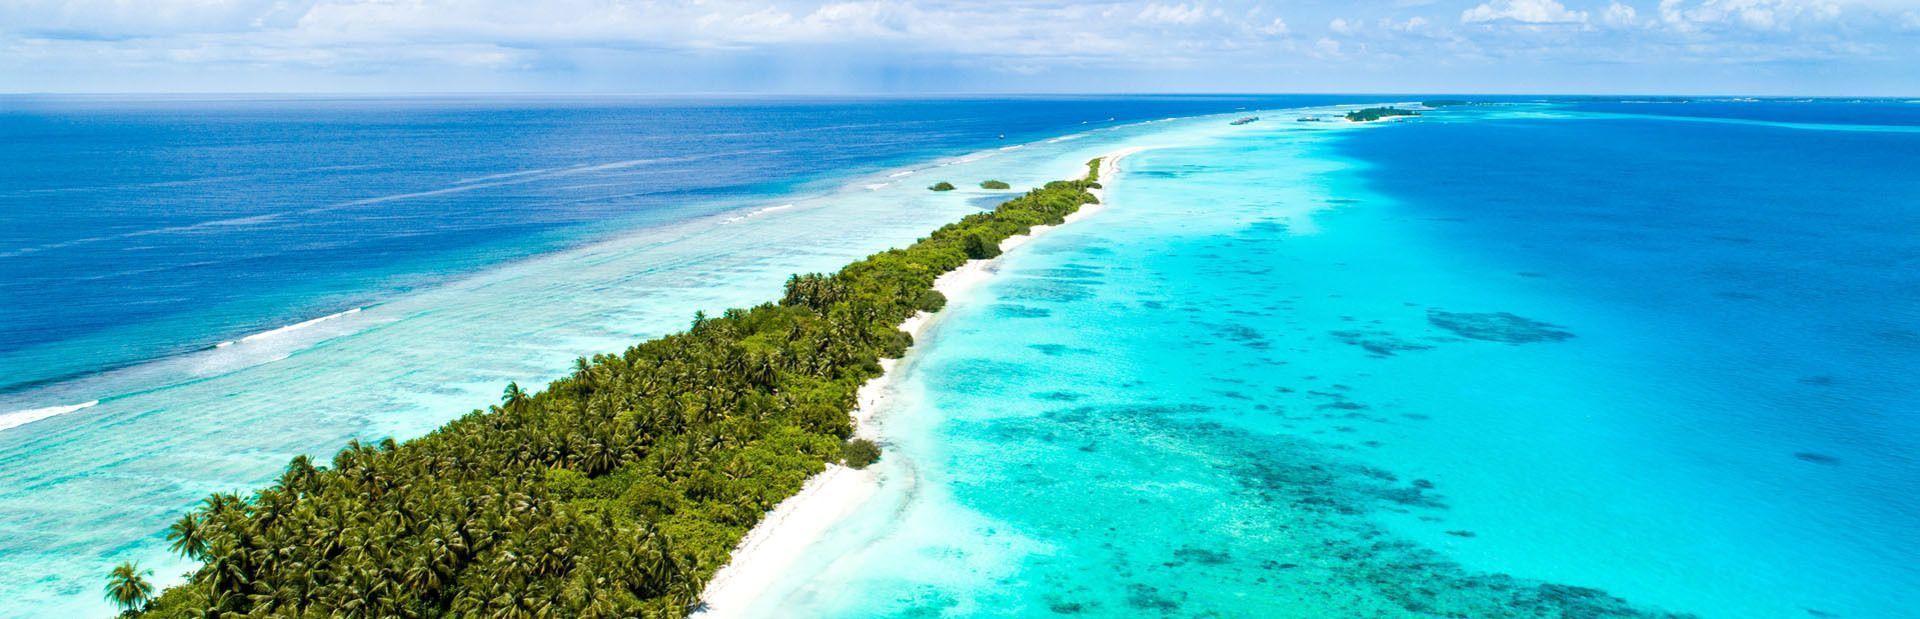 Maldive 360°